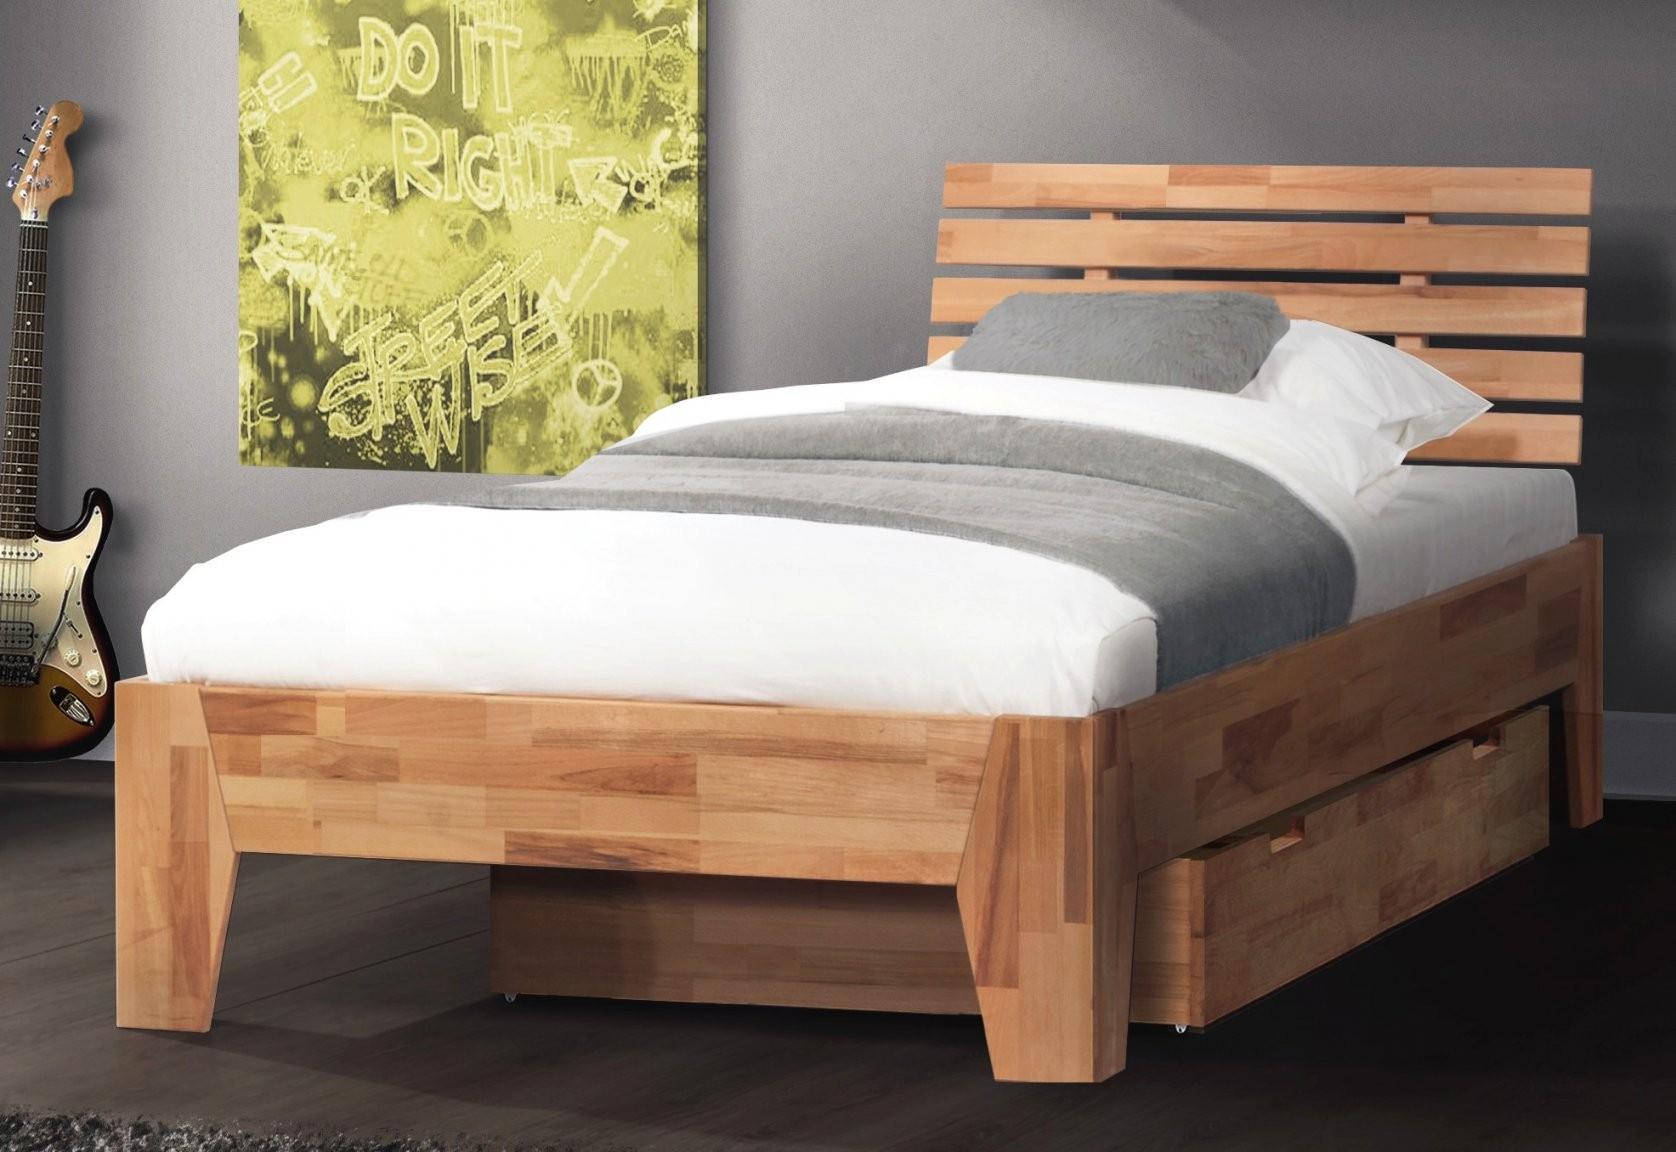 Betten Mit Matratze Und Lattenrost 140X200 Schockierend Auf Kreative von 140X200 Bett Mit Matratze Und Lattenrost Günstig Bild